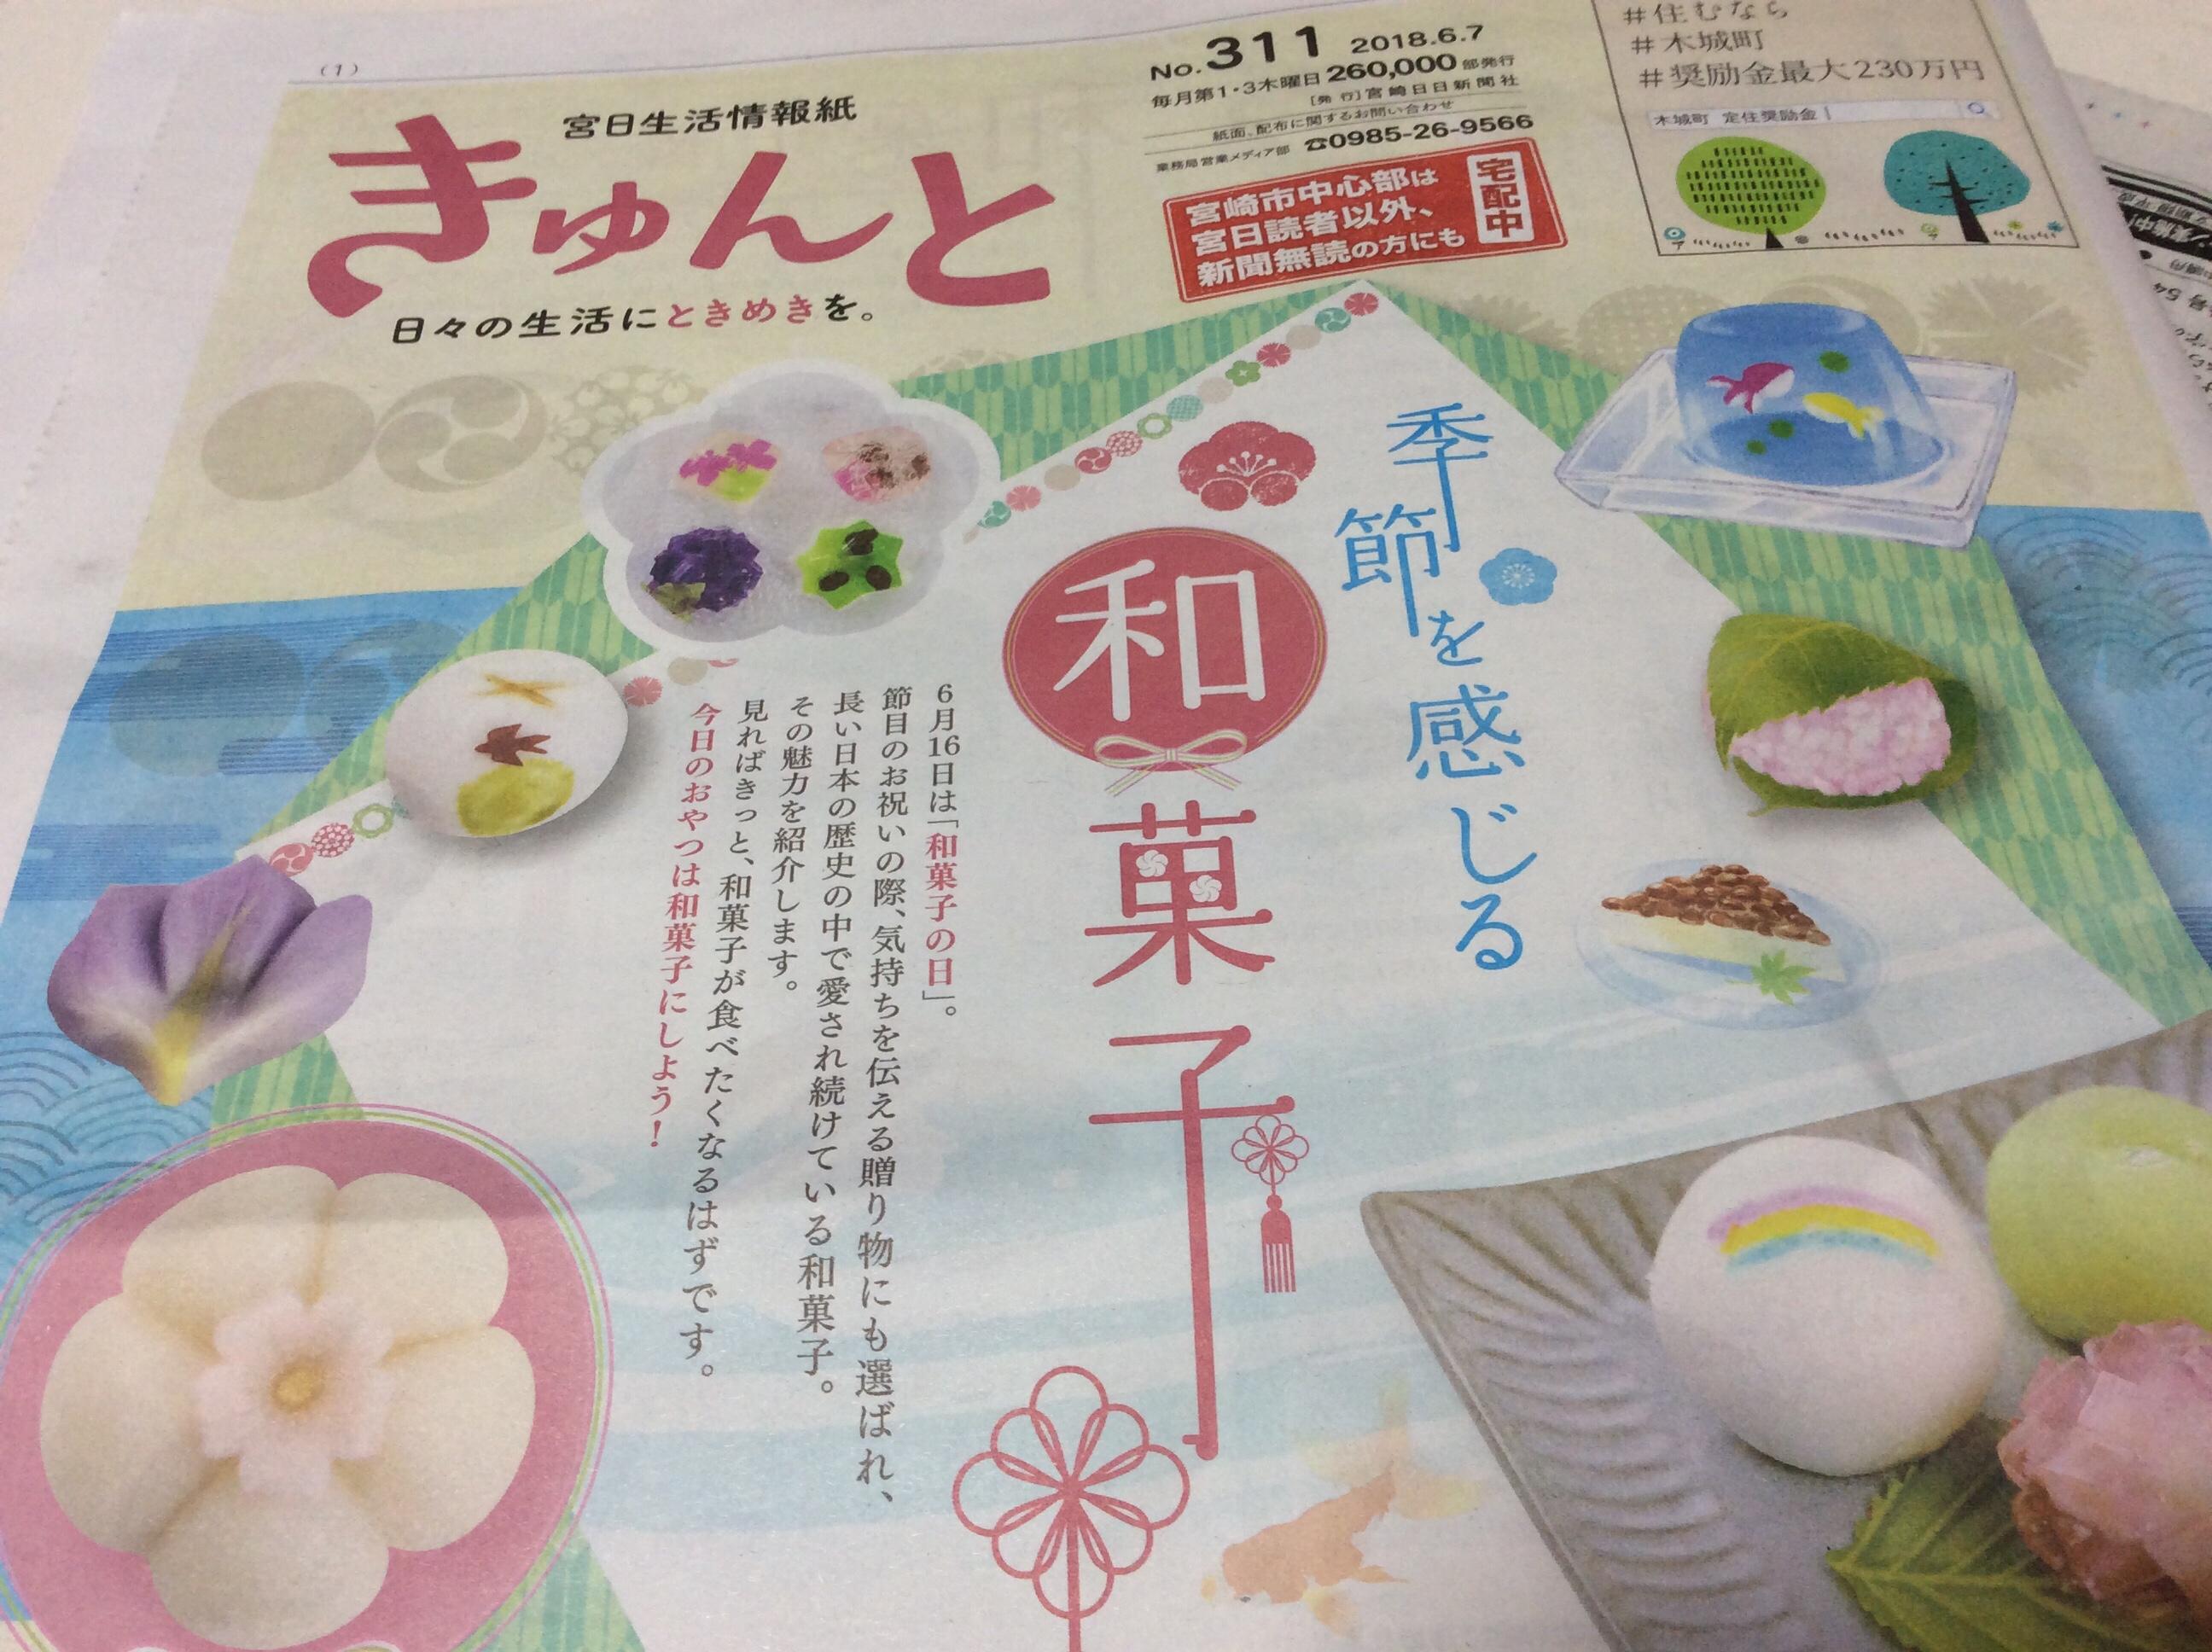 今日の宮崎日日新聞